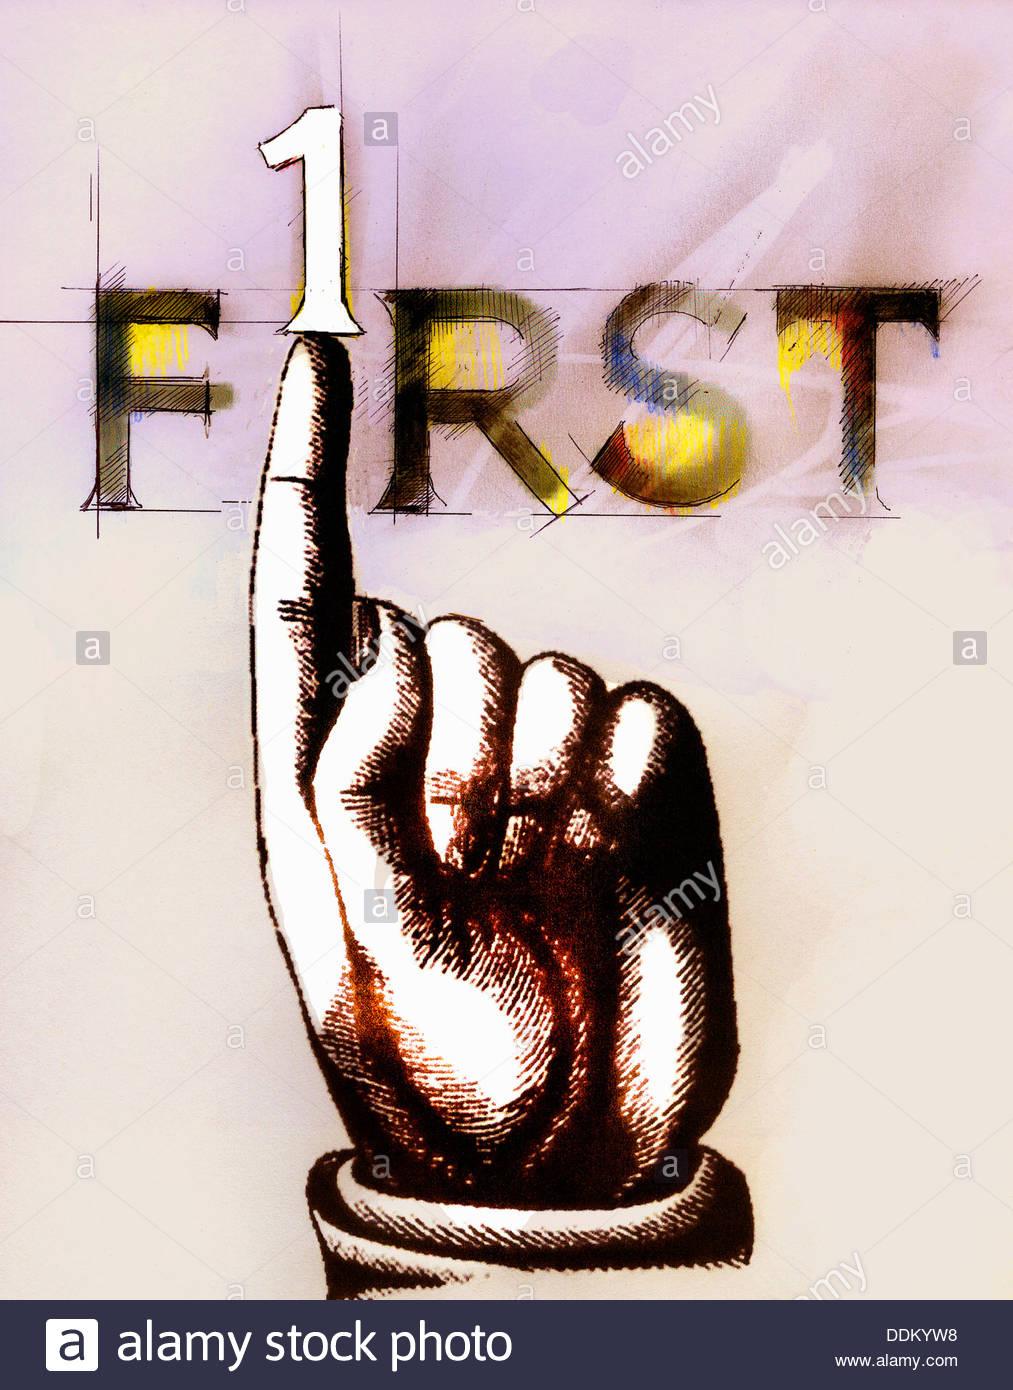 Empujar el dedo número 1 del 'primer' texto Imagen De Stock